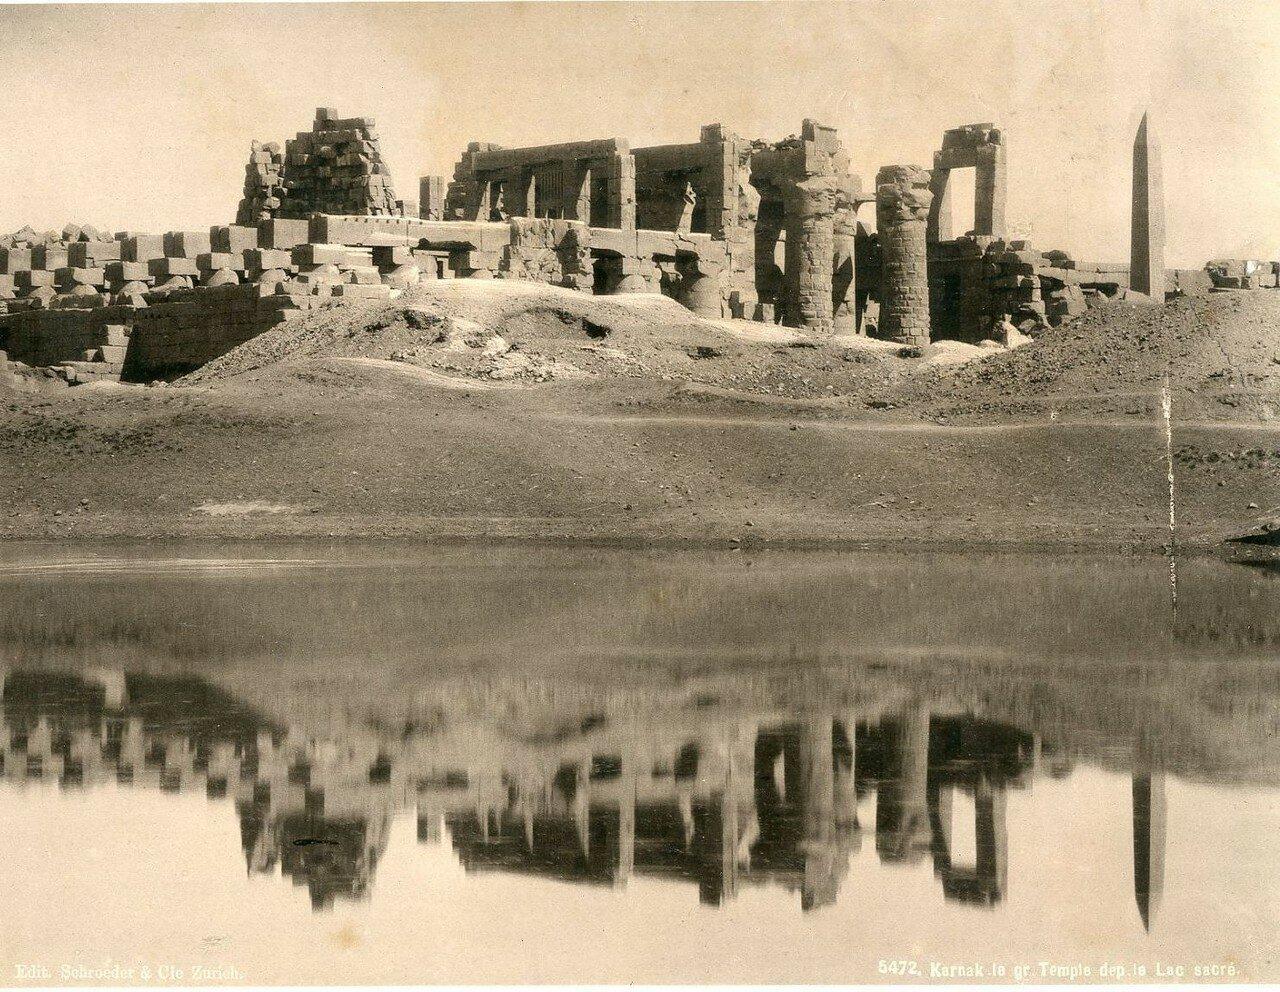 Карнакский храм и Священное озеро. 1900-е